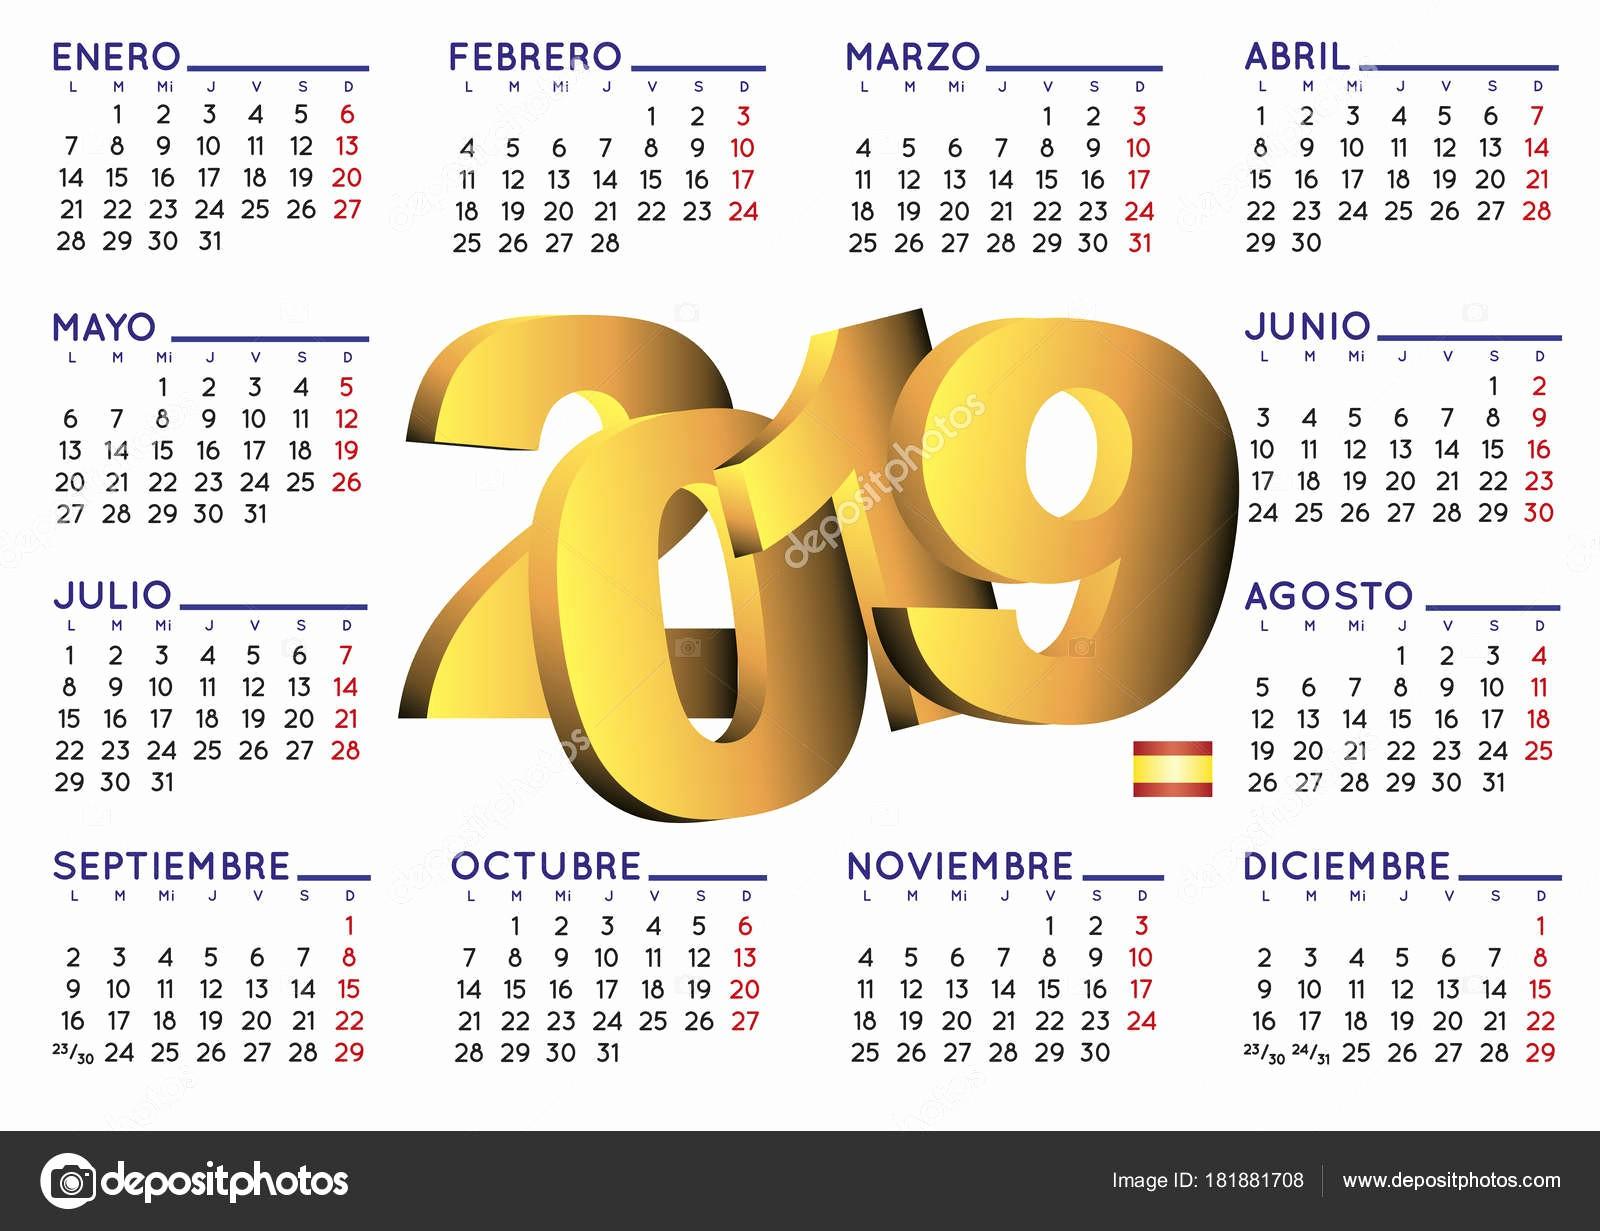 calendario luz del tajo 2019 calendario luz del tajo 2019 calendario 2019 en espanol horizontal vector de stock